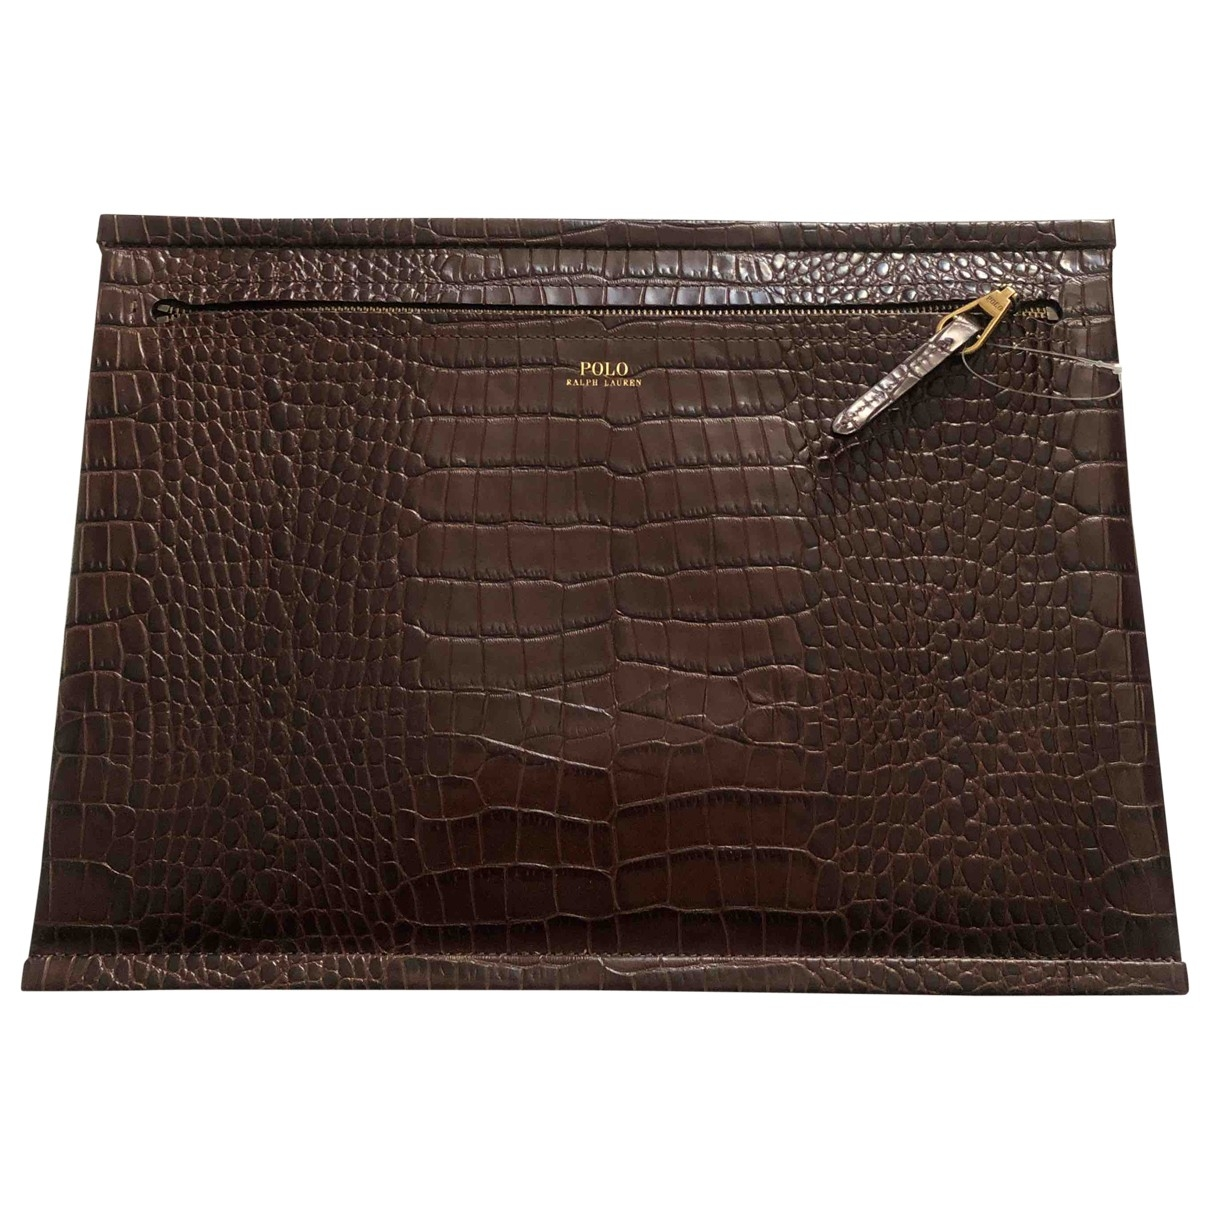 Polo Ralph Lauren - Petite maroquinerie   pour femme en cuir - marron